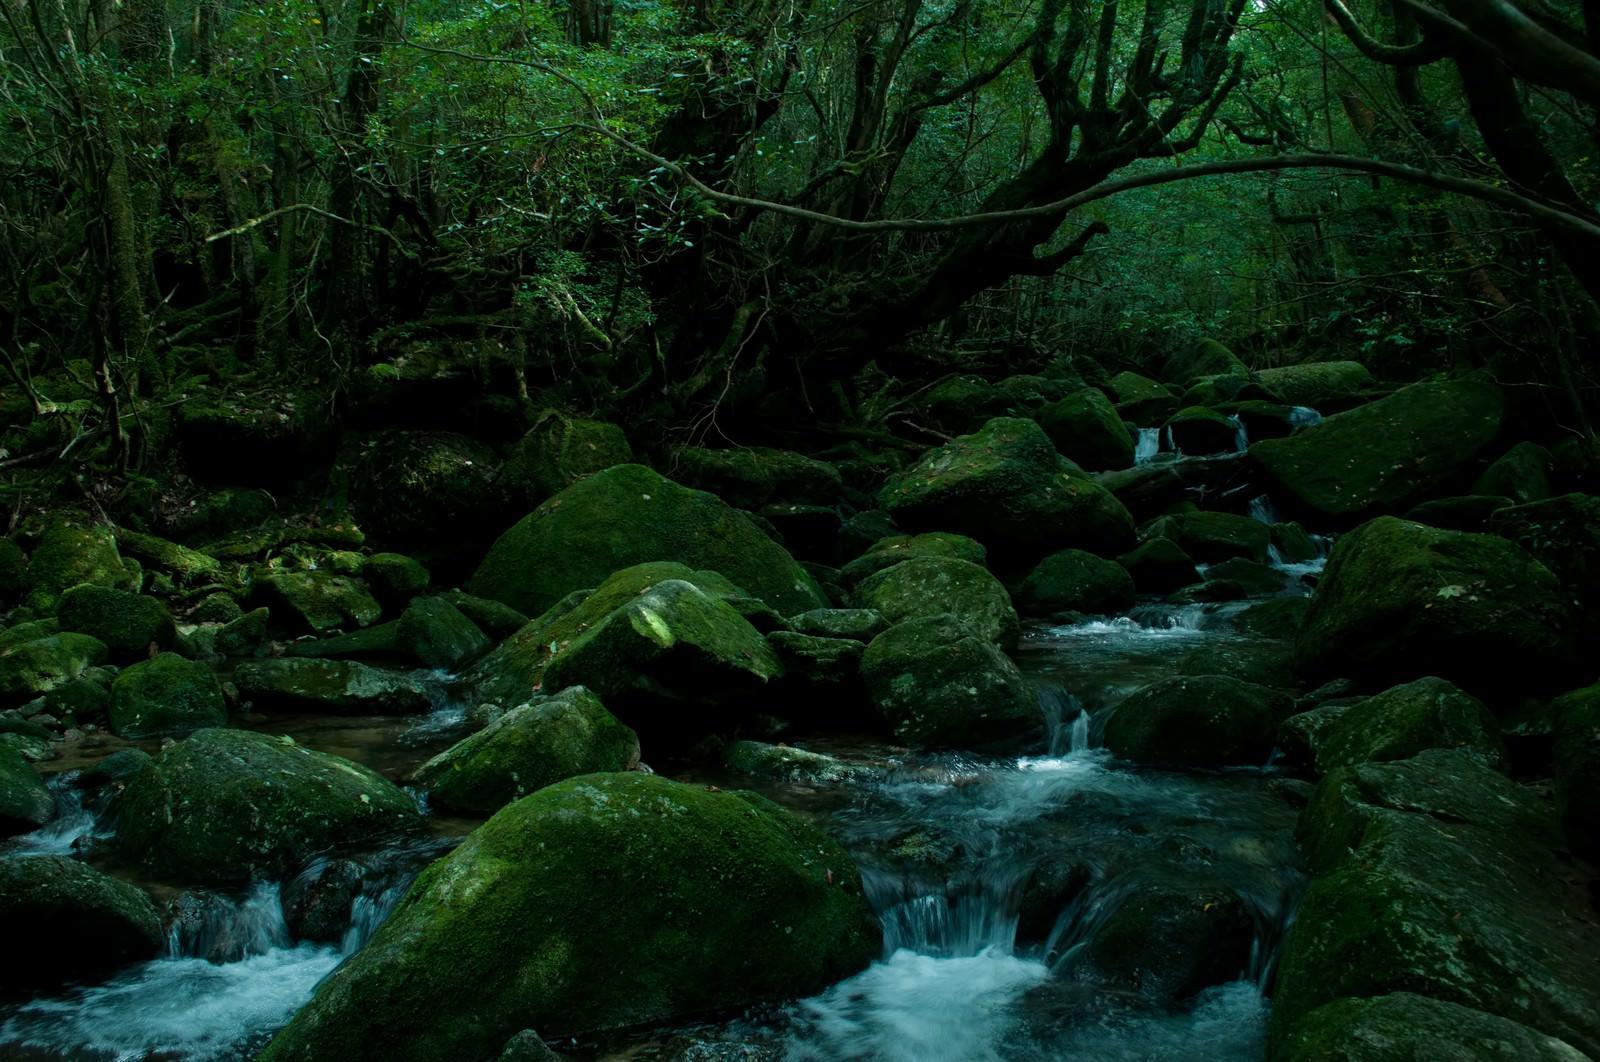 「屋久島の深い森と川の流れ」の写真